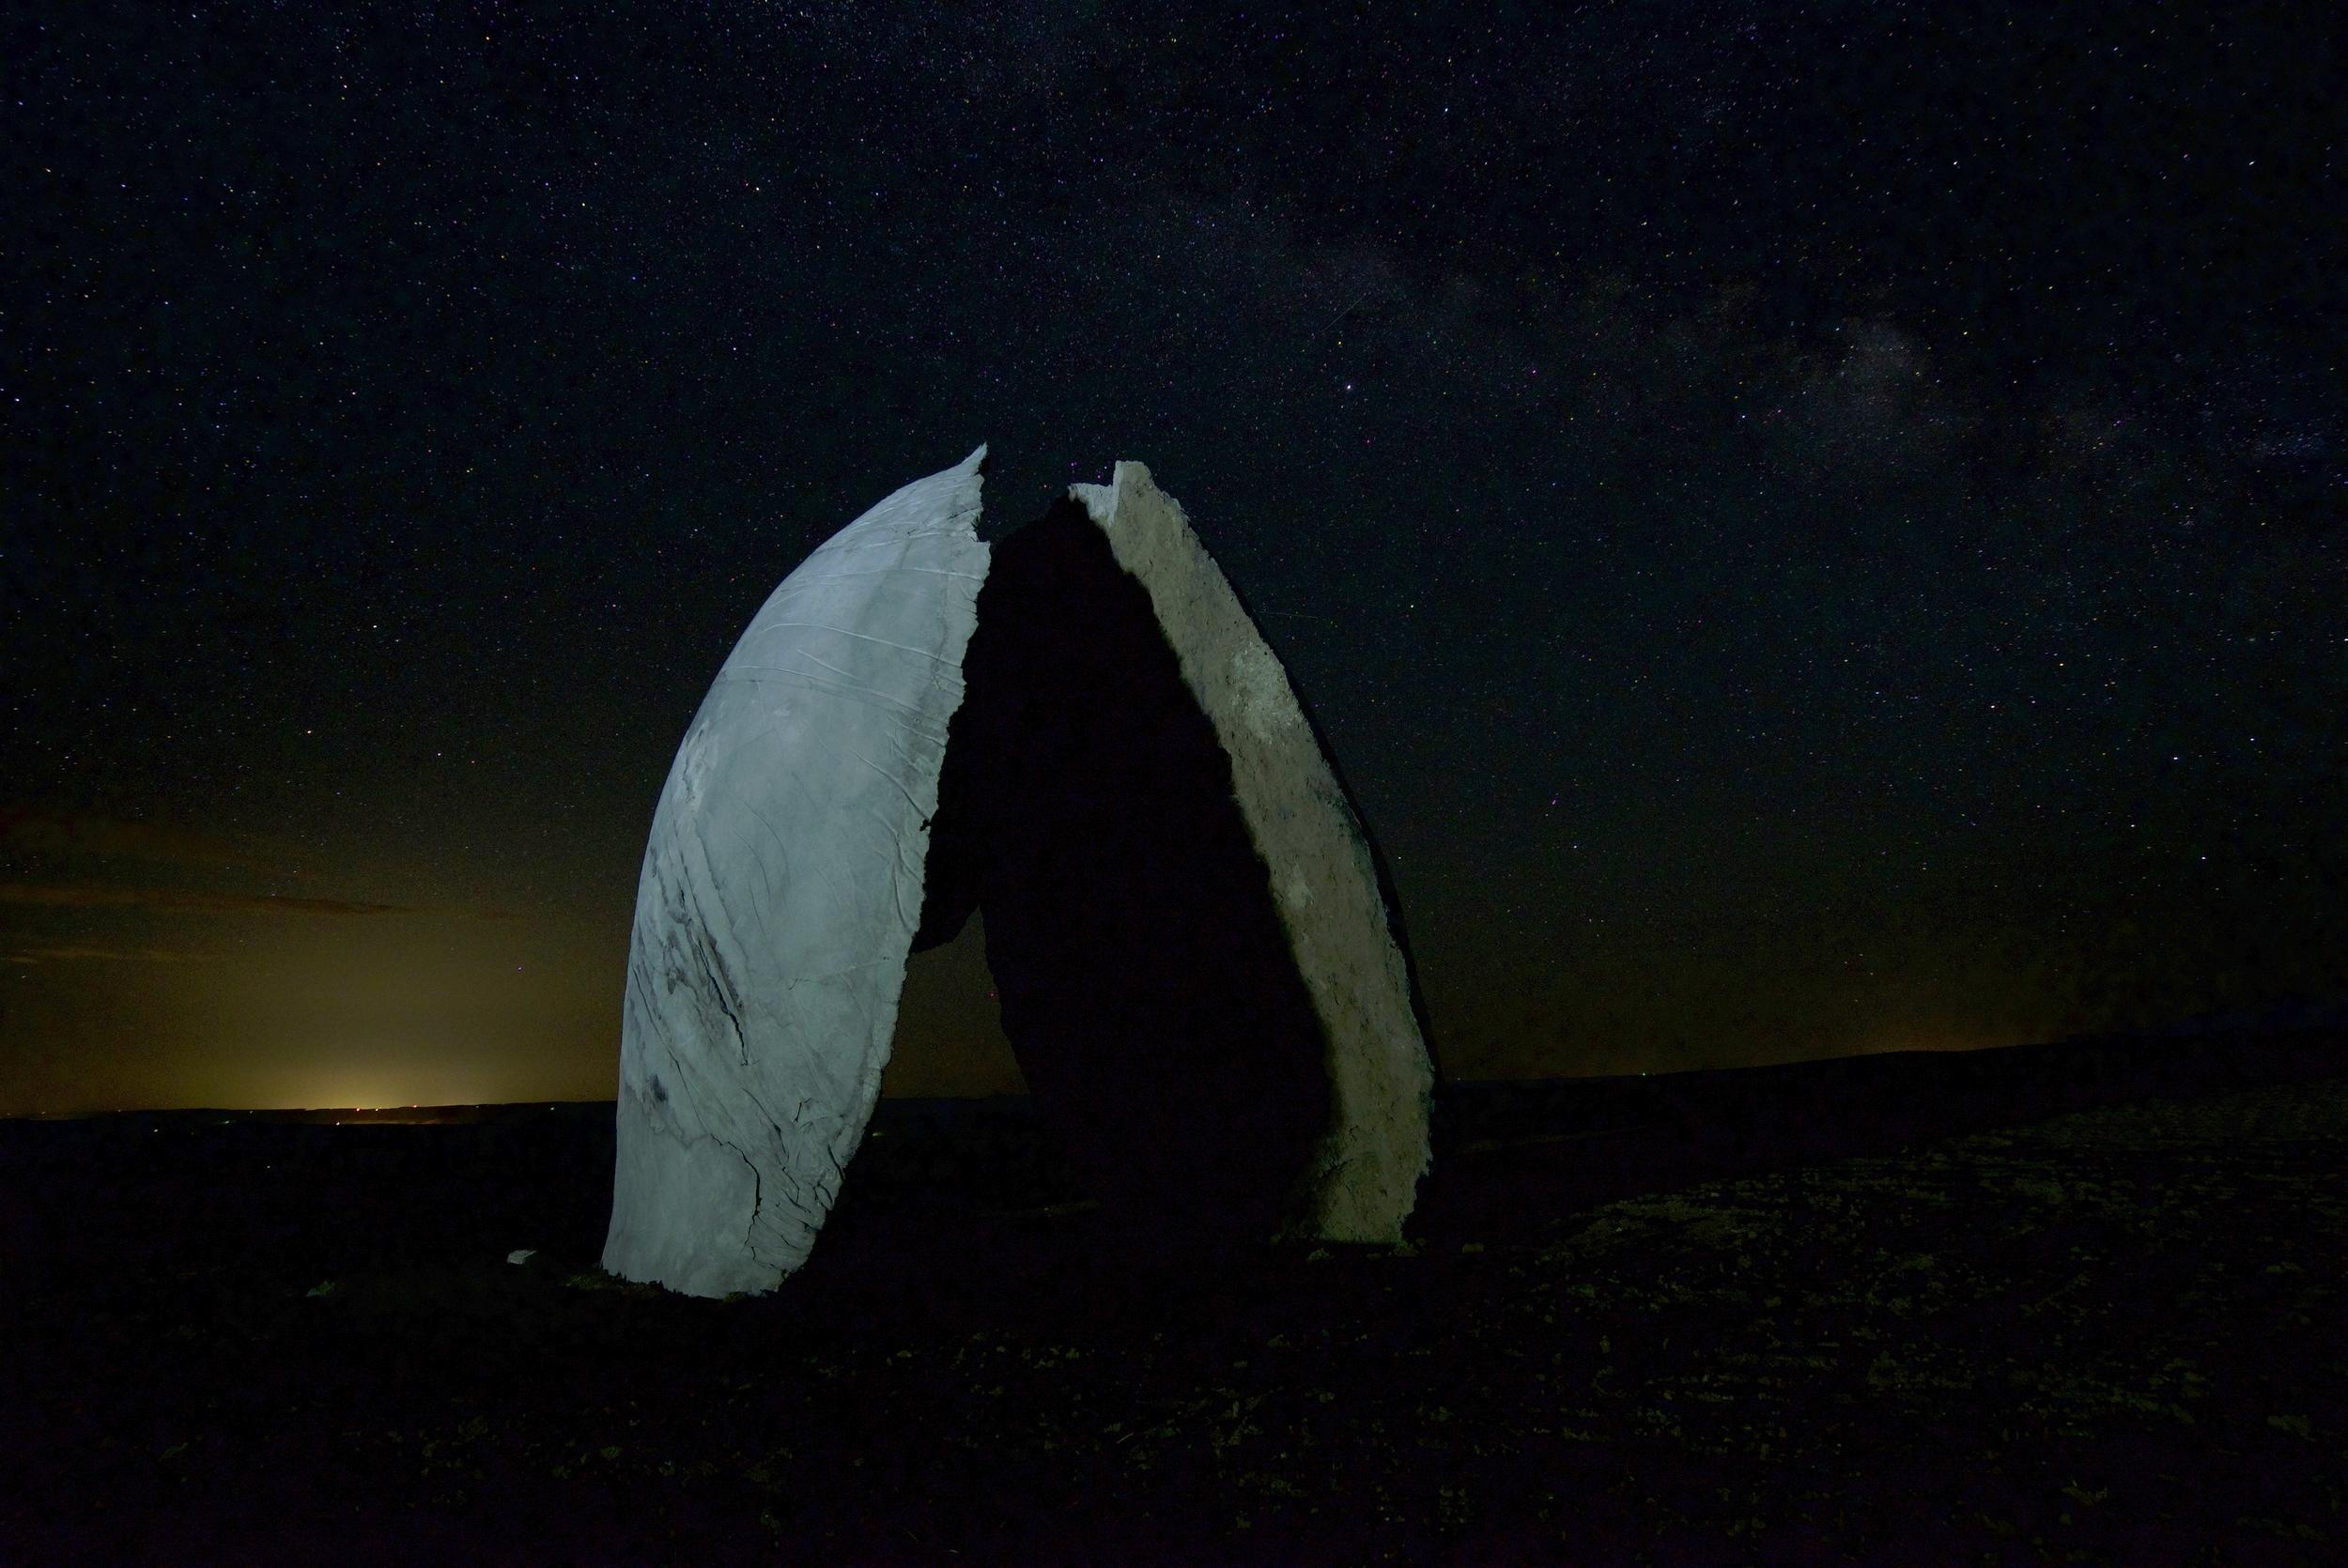 Beartooth-Still-Night-KasicDSC01667-sm.jpg